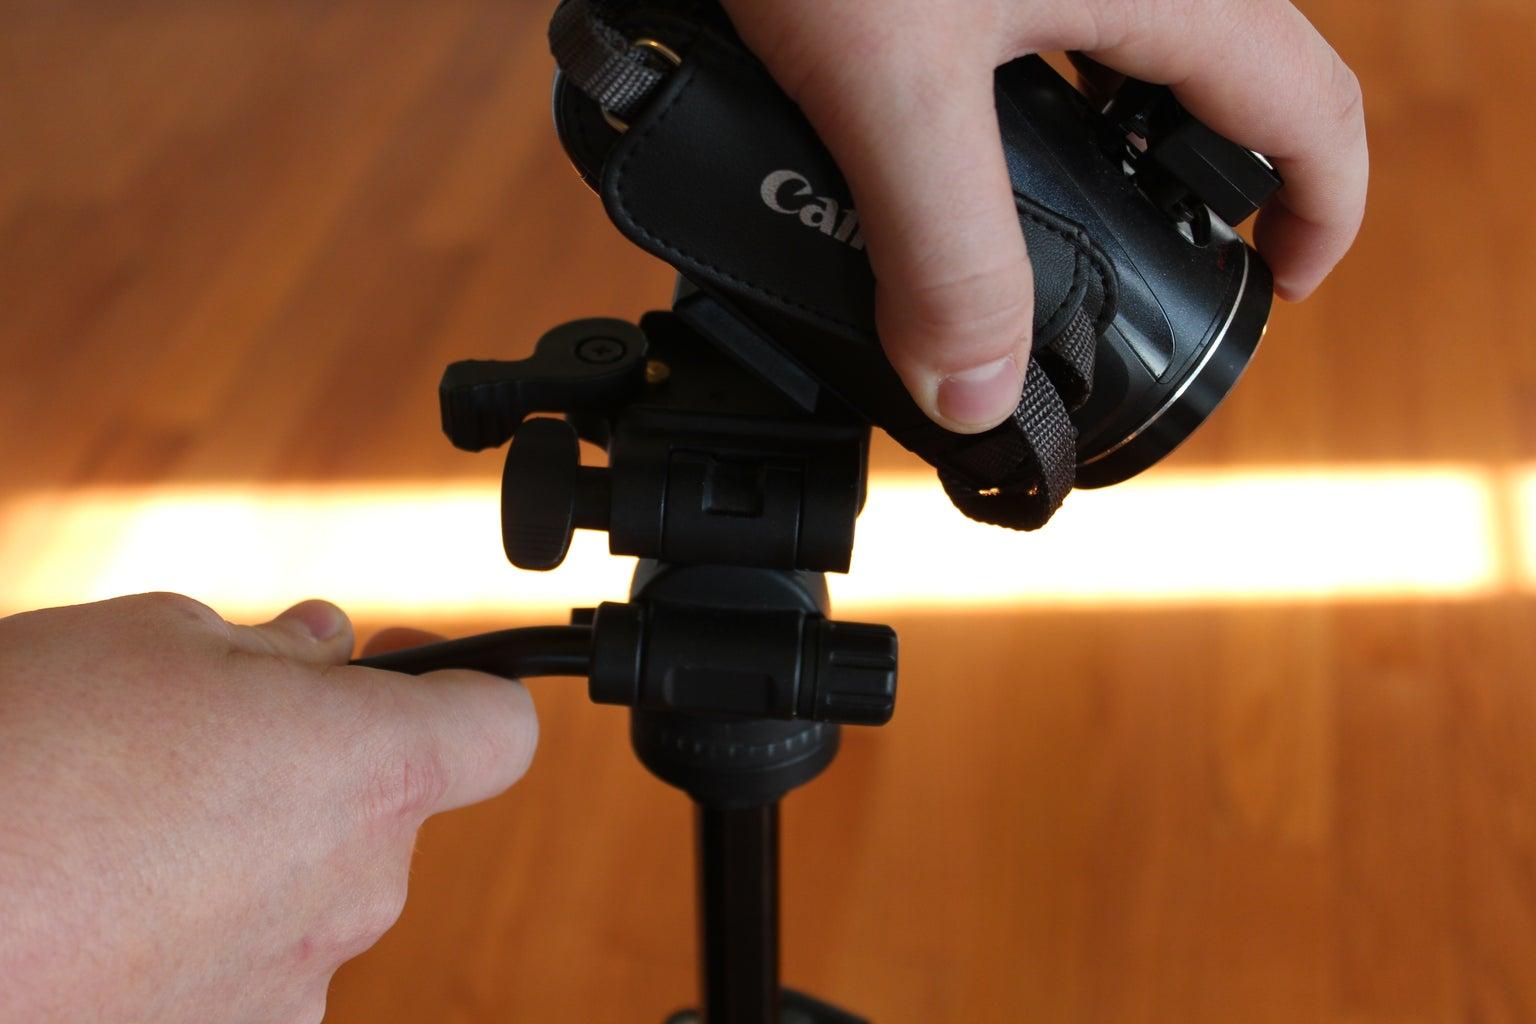 Attach Camera to Tripod